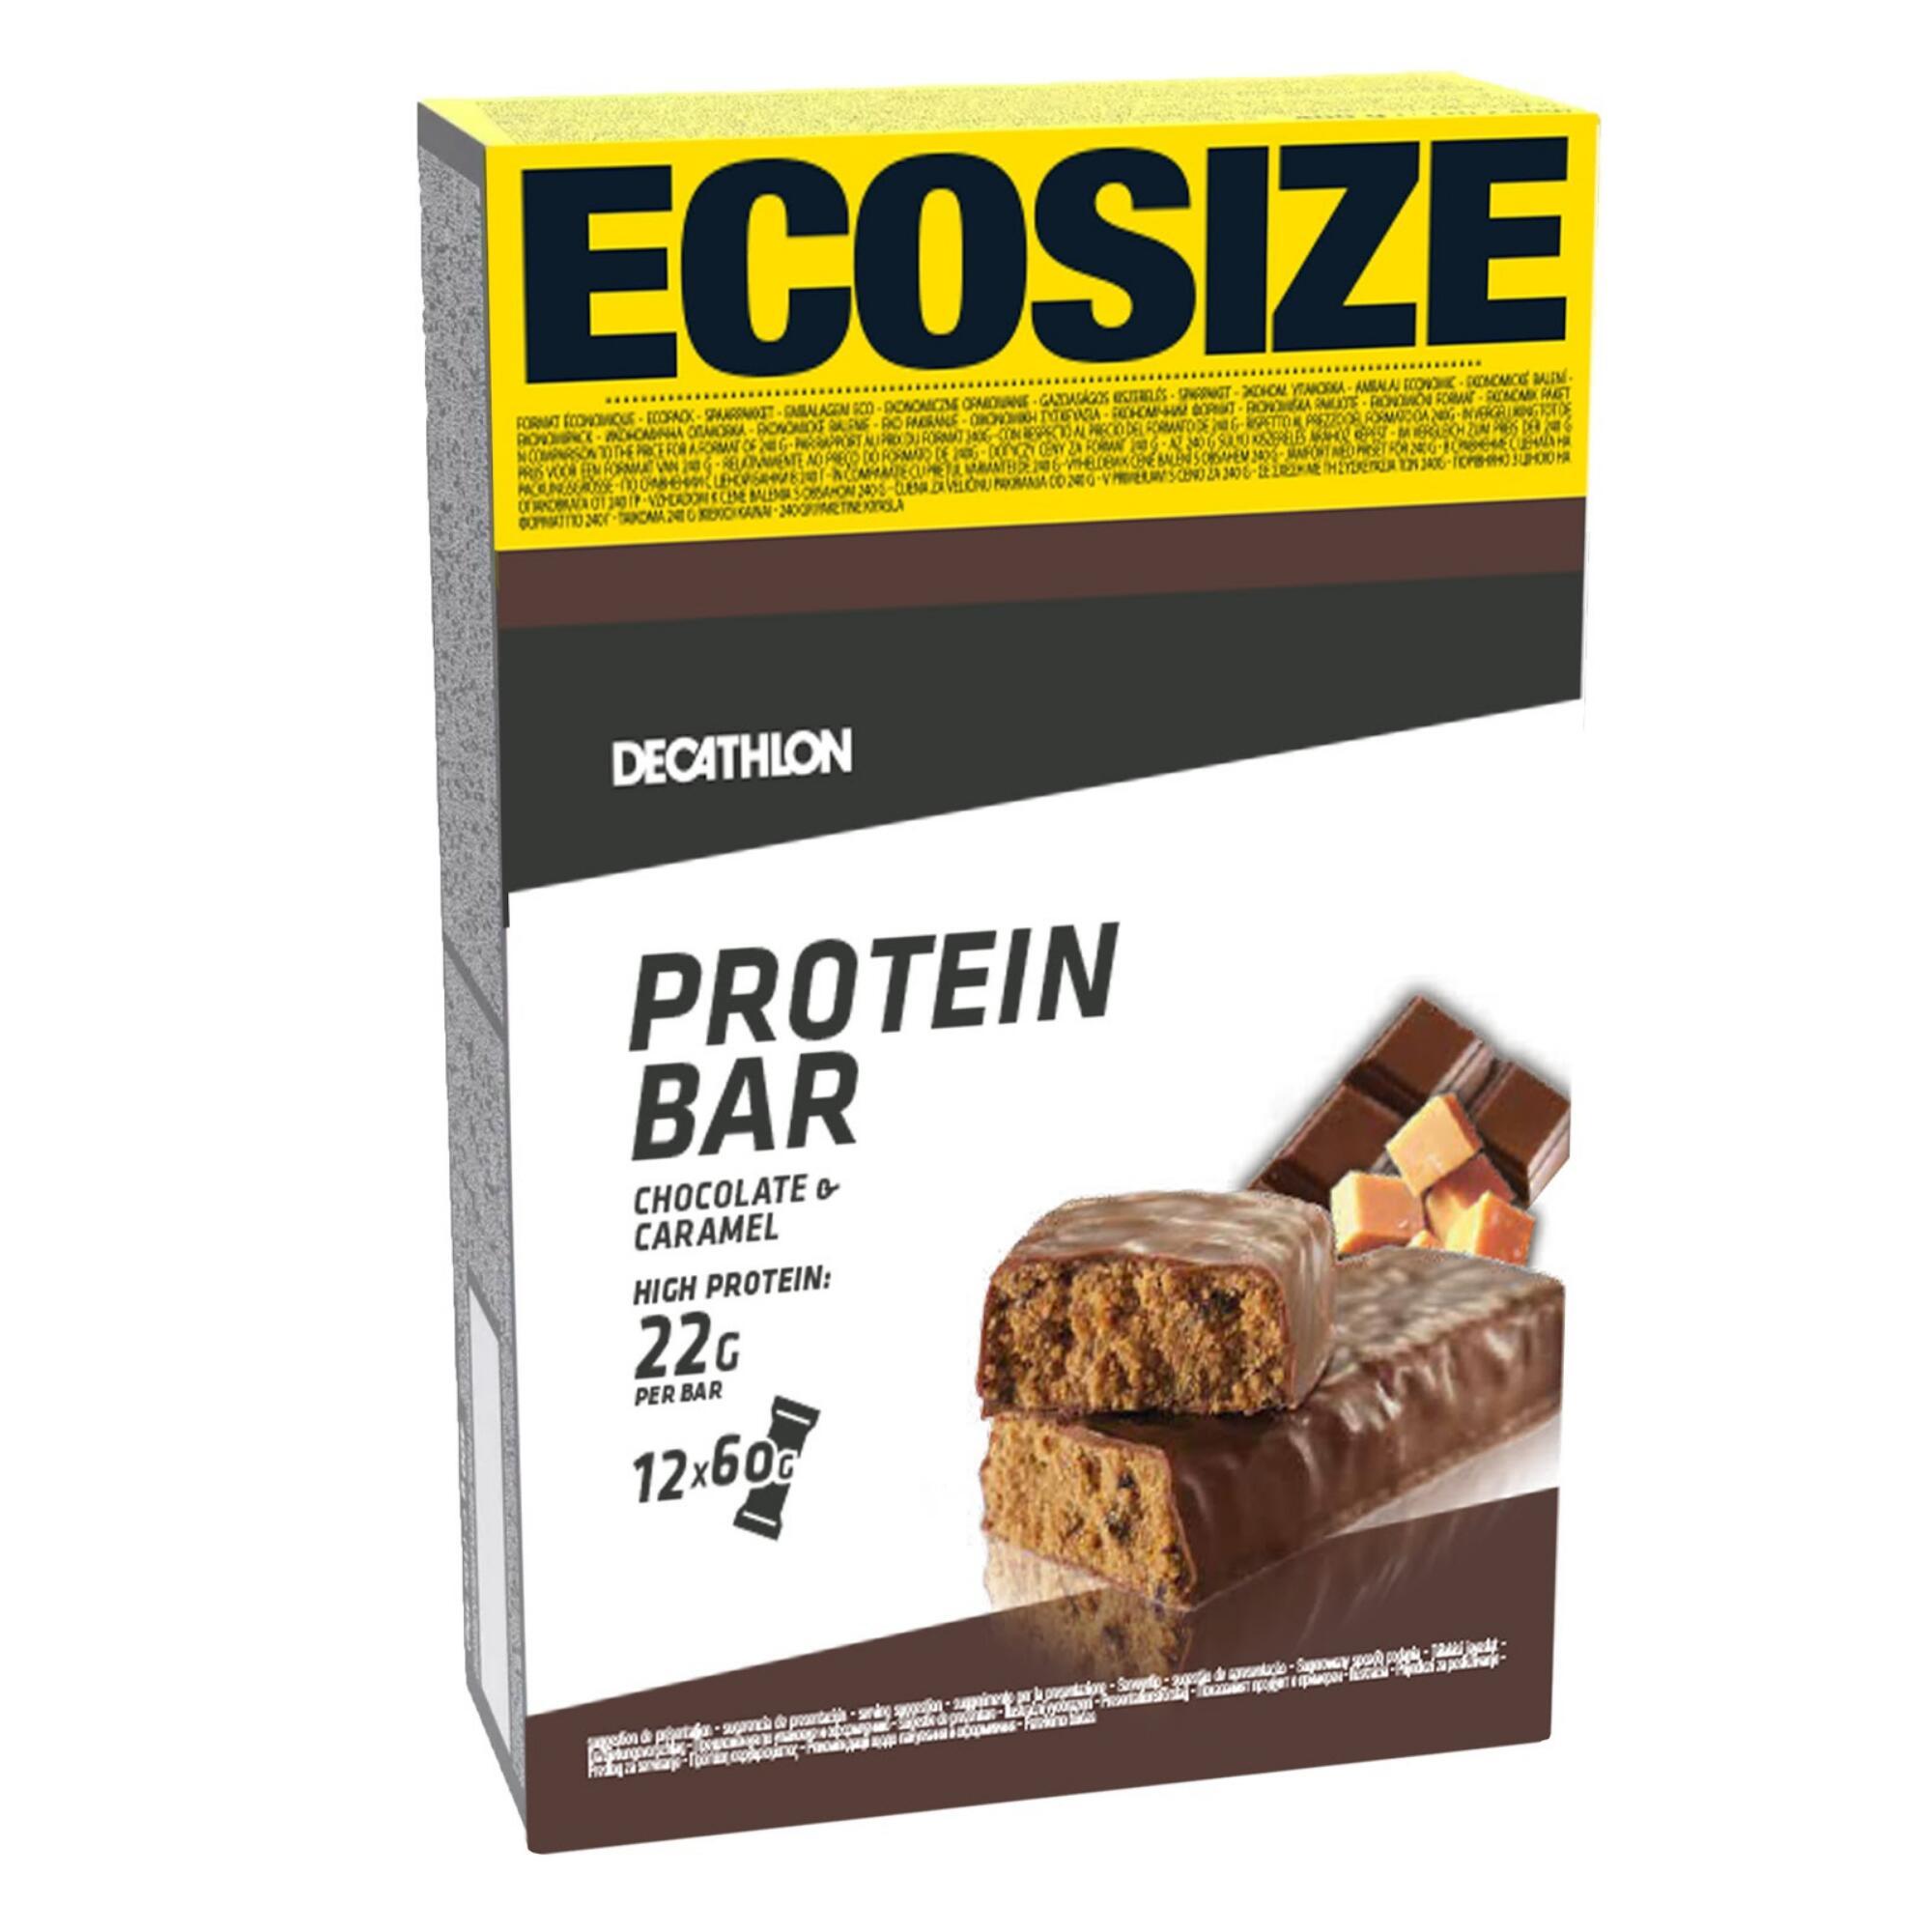 Baton Proteine ECOSIZE X12 la Reducere poza